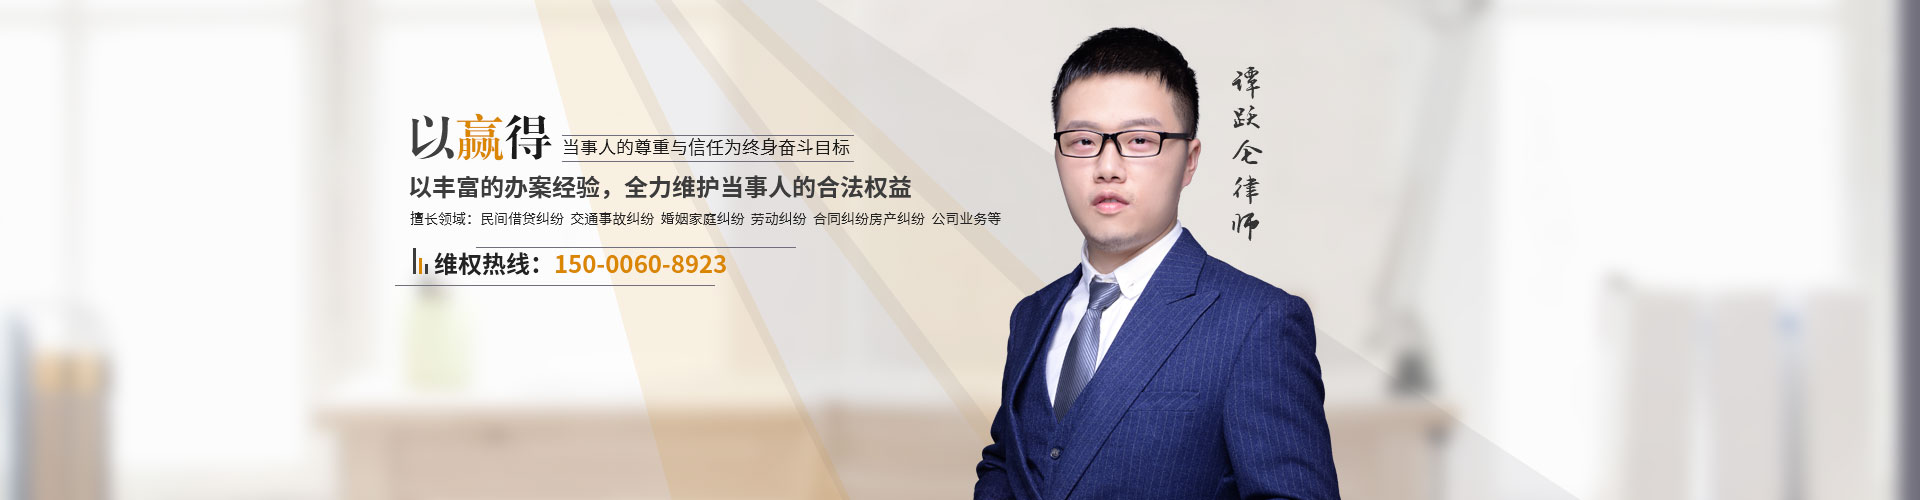 上海谭跃仑律师